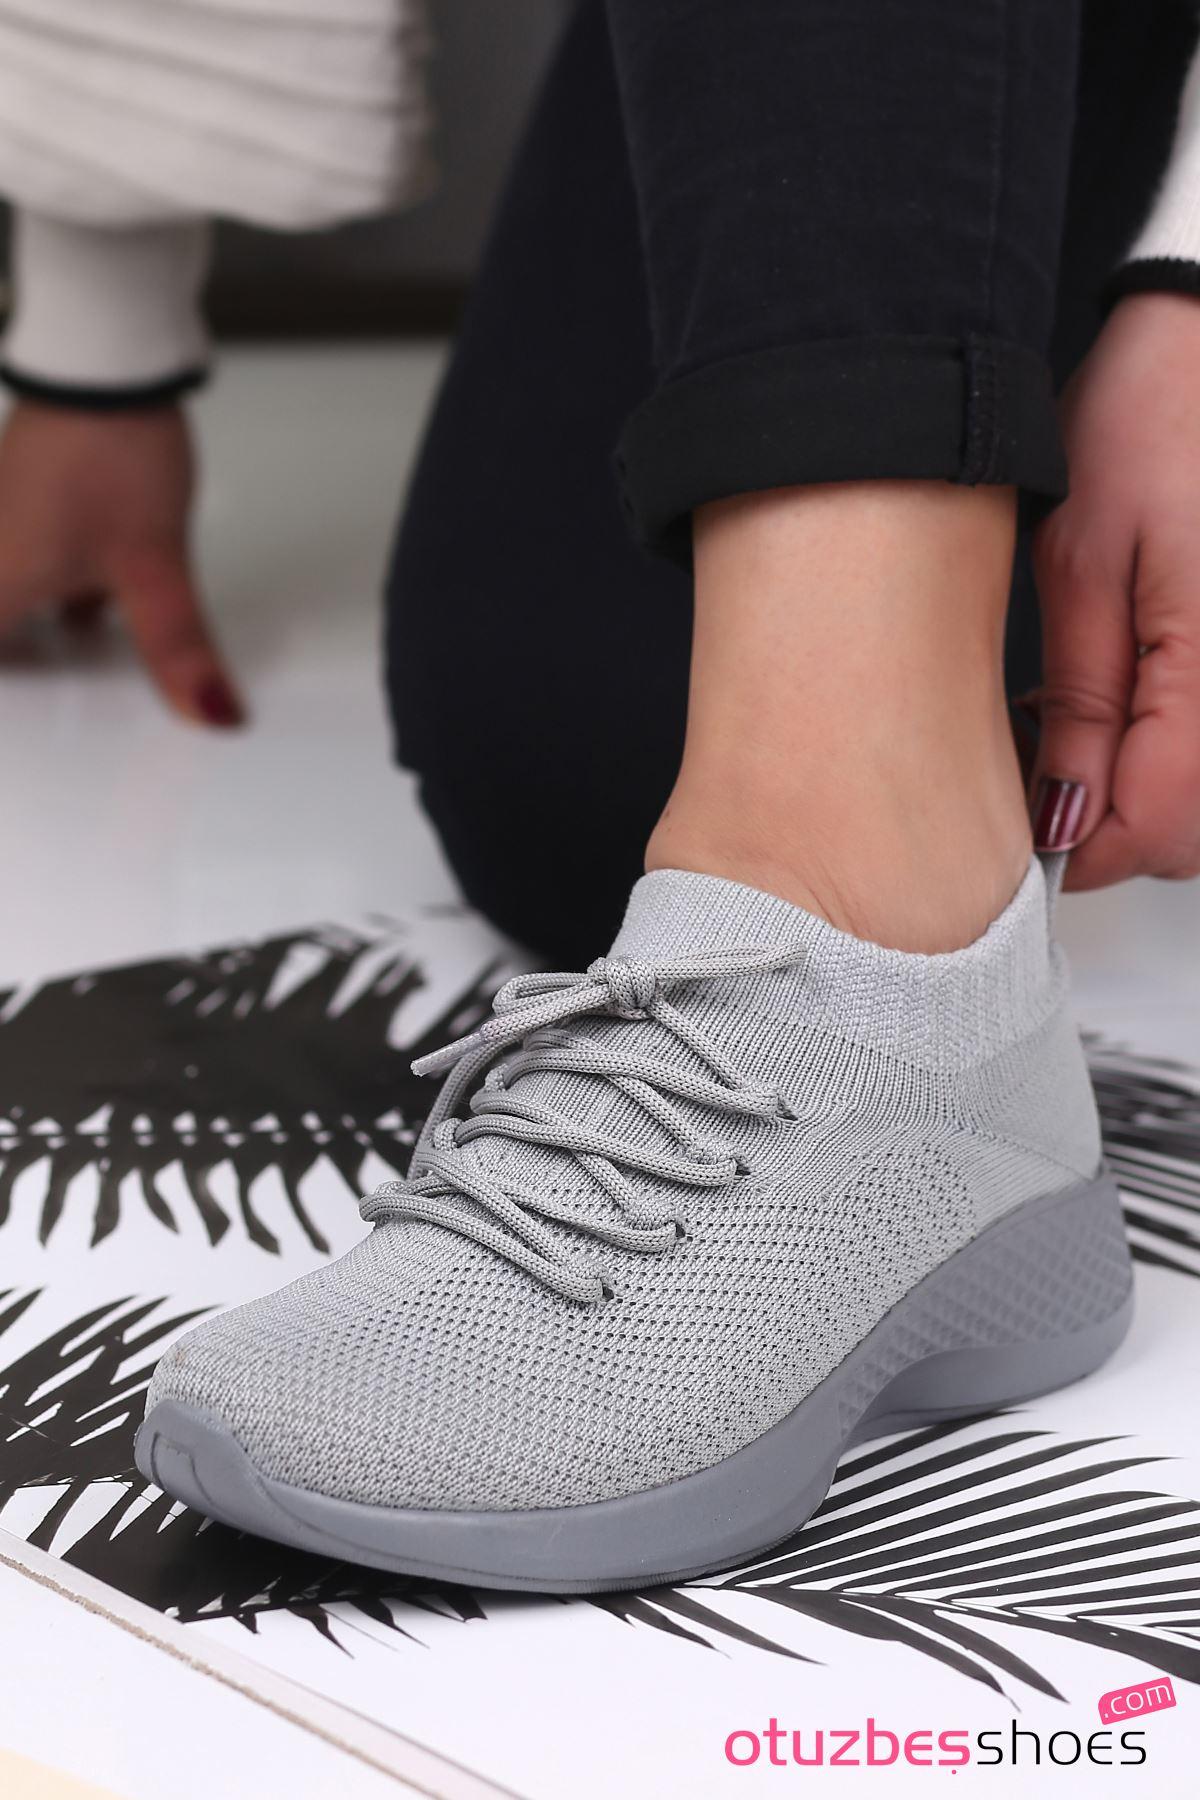 Pops Çelik Örgü Bağcık Detay Triko Kadın Spor Ayakkabı Gri